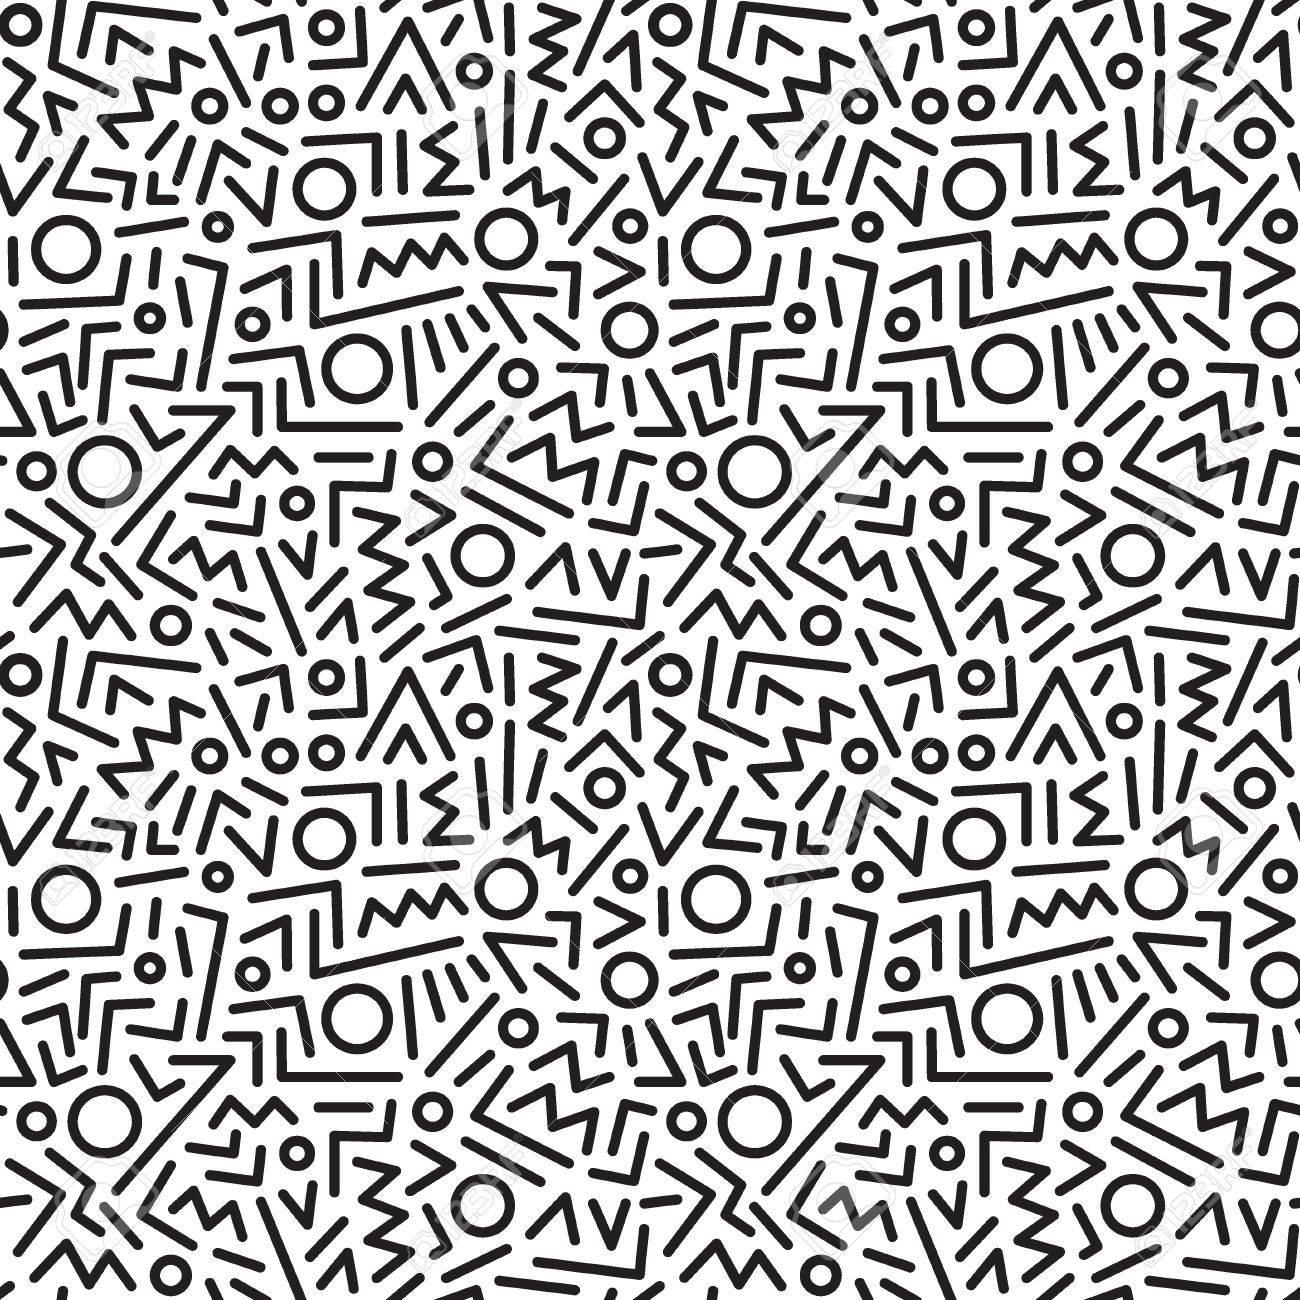 Patrones De Costura Abstractos Con Líneas, Elementos De Diseño ...